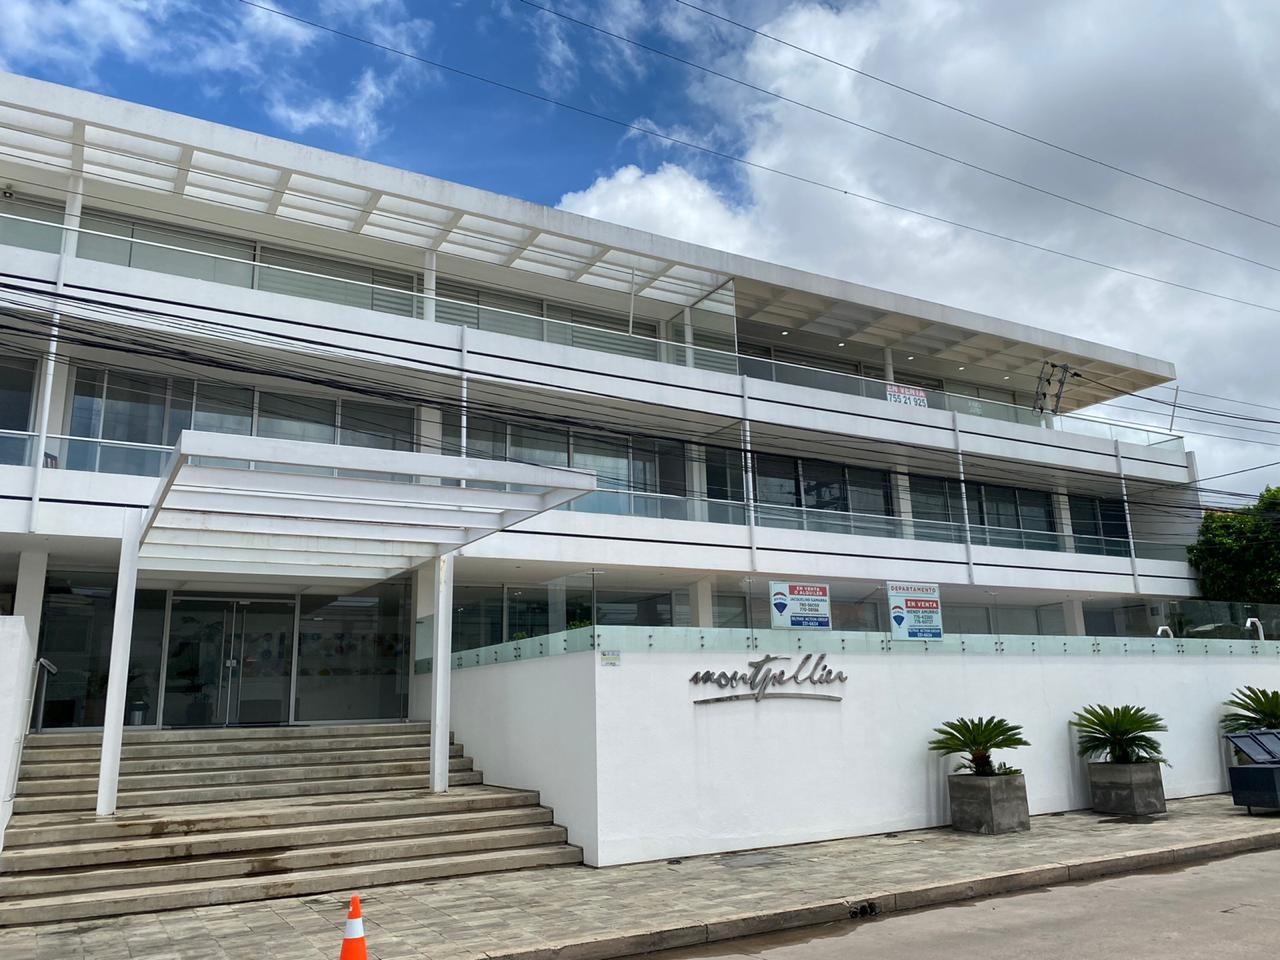 Departamento en Venta BARRIO LAS PALMAS, CONDOMINIO MONTPELLIER  Foto 1